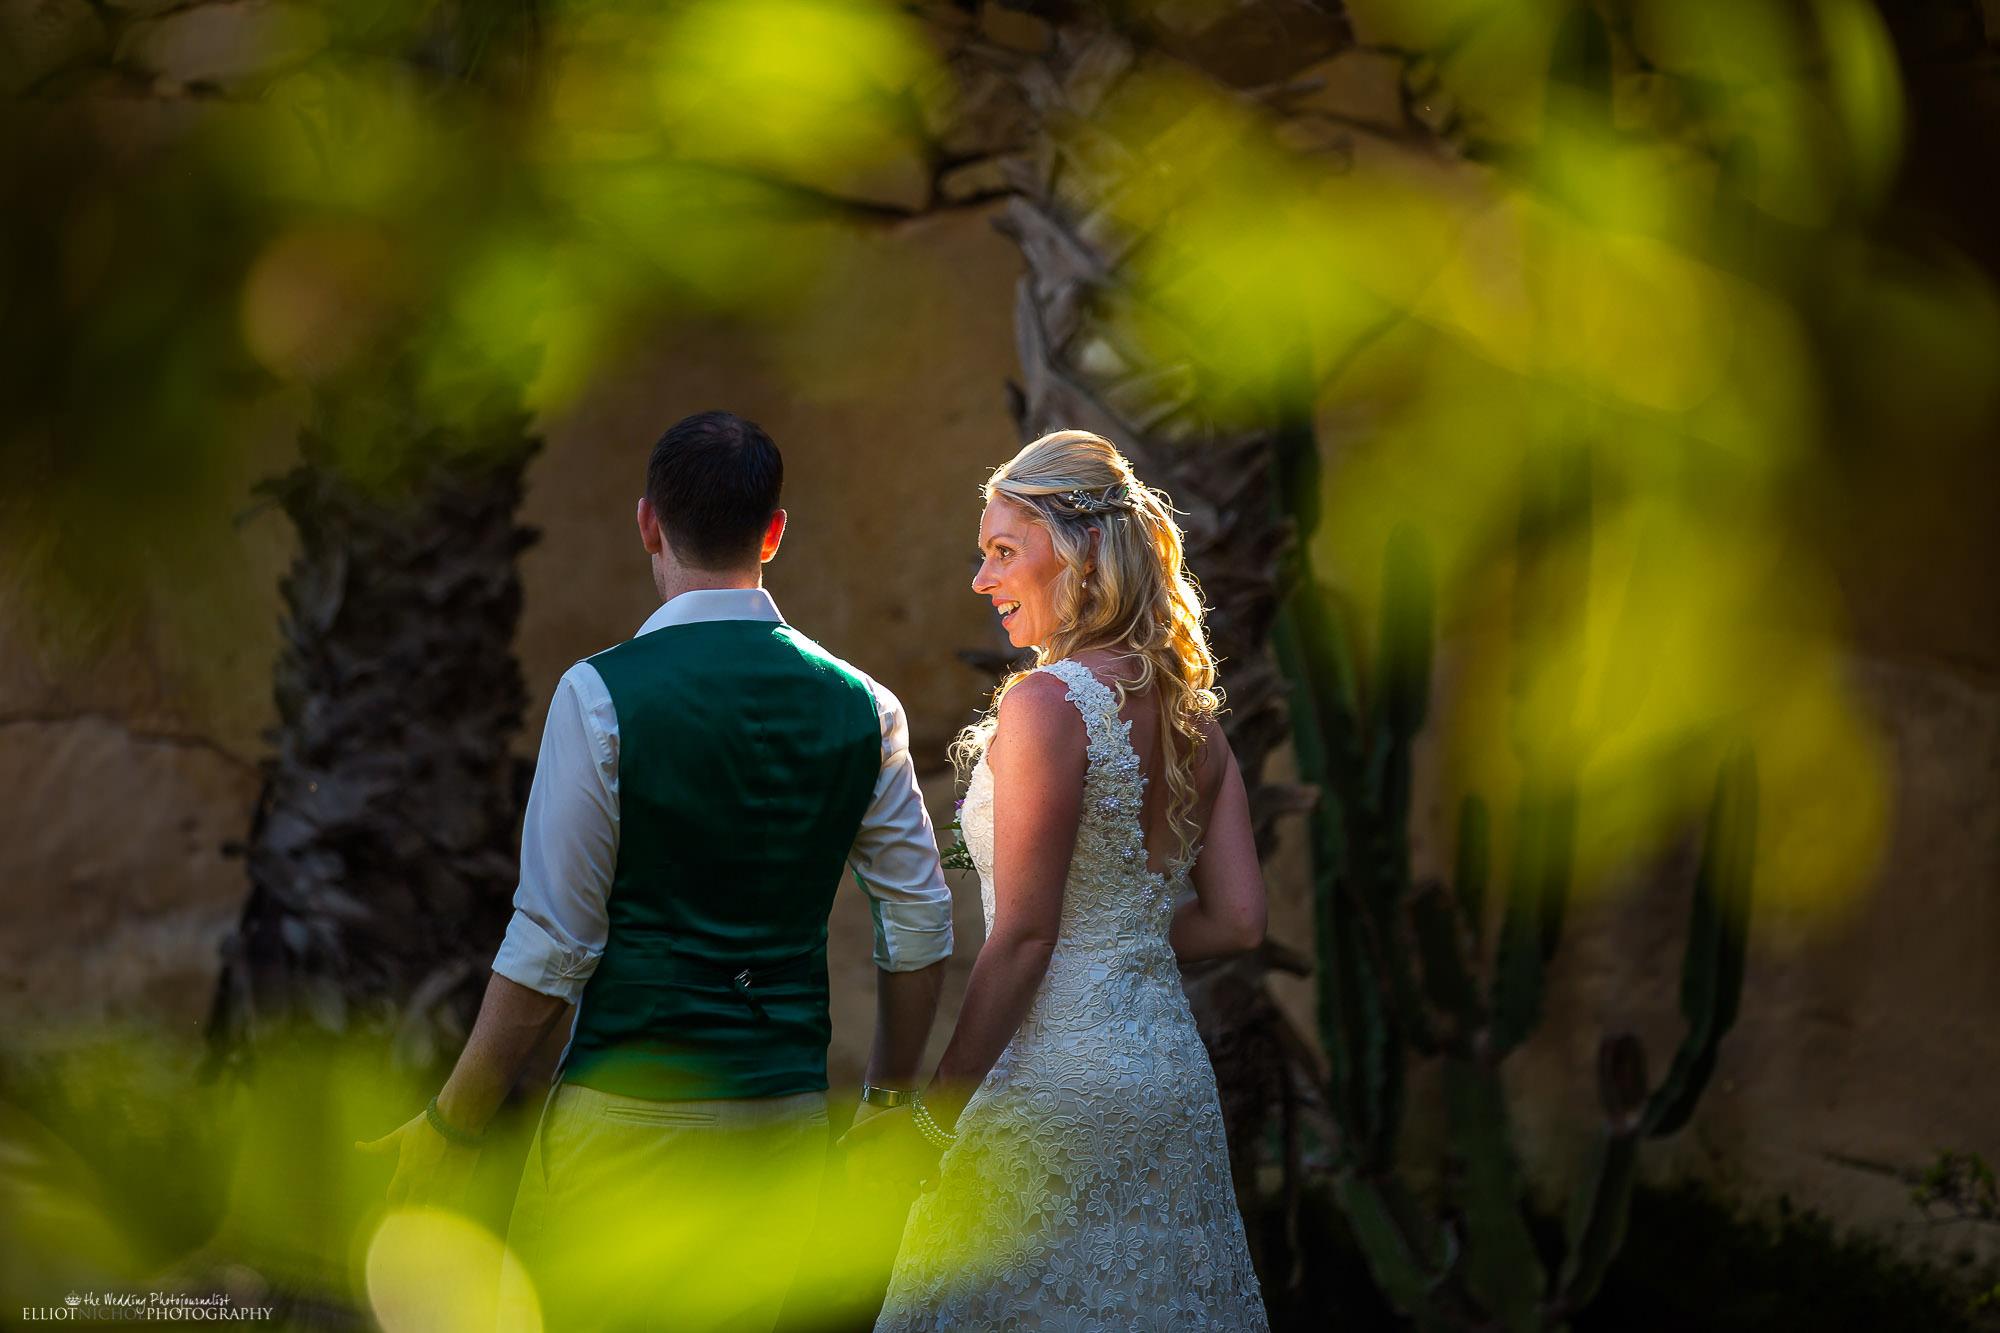 candid-photo-bride-groom-wedding-venue-photography